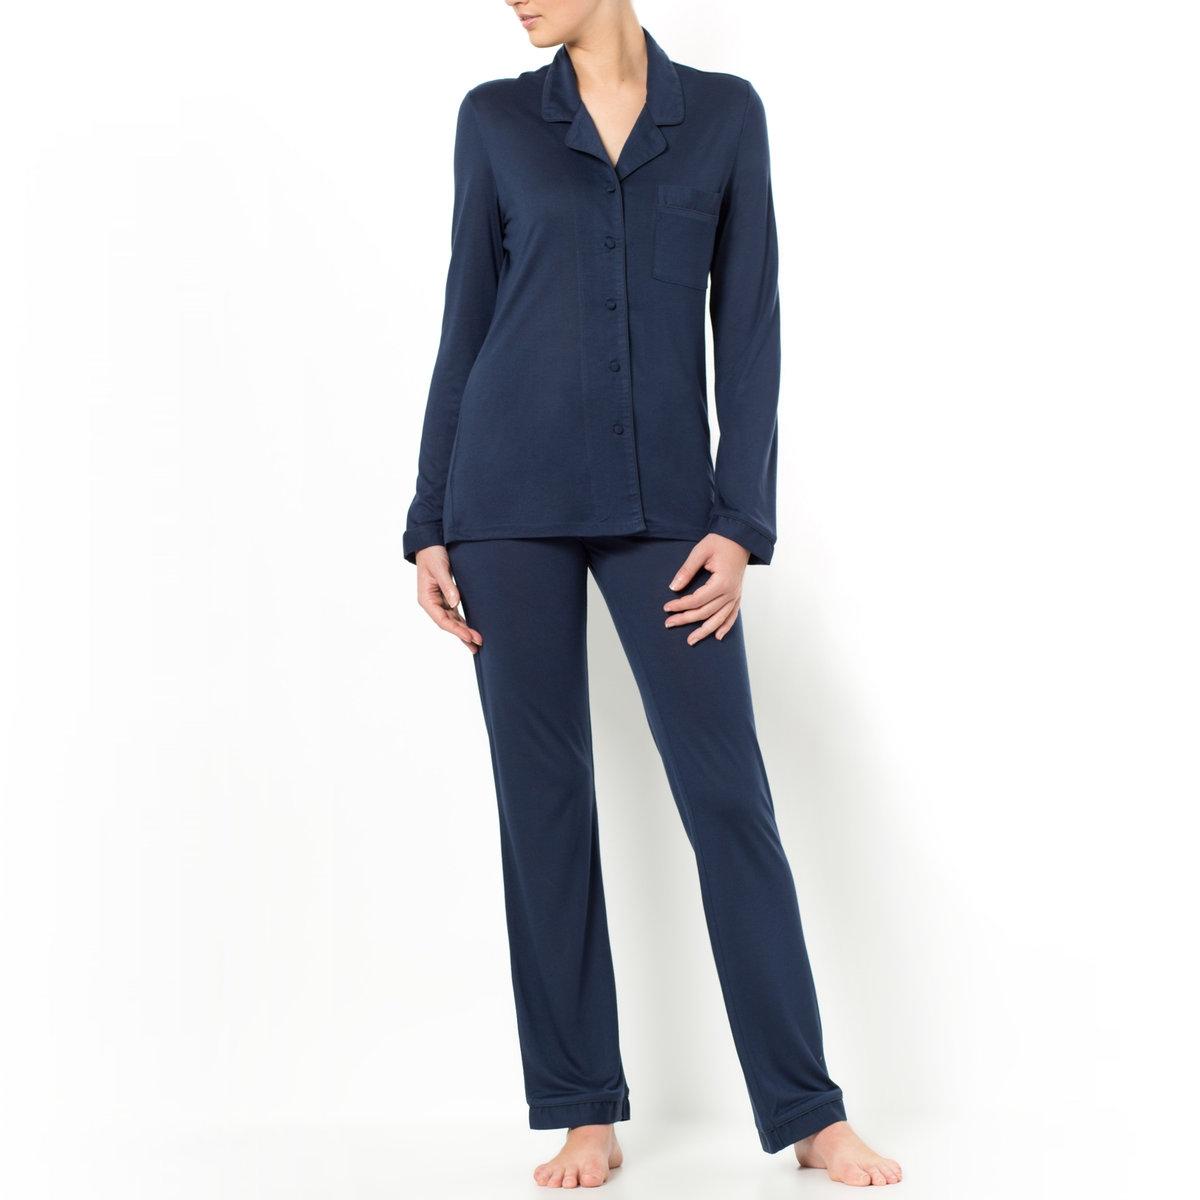 Пижама из модалаЖакет с кроенным воротником: длинные рукава, плоский нагрудный карман. Длина ок. 67 см.Брюки: эластичный пояс. Длина по внутр. шву ок. 76 см.      Пижама из 100% модала, машинная стирка при 30°.<br><br>Цвет: серый,темно-синий<br>Размер: 34/36 (FR) - 40/42 (RUS).42/44 (FR) - 48/50 (RUS).46/48 (FR) - 52/54 (RUS).50/52 (FR) - 56/58 (RUS)